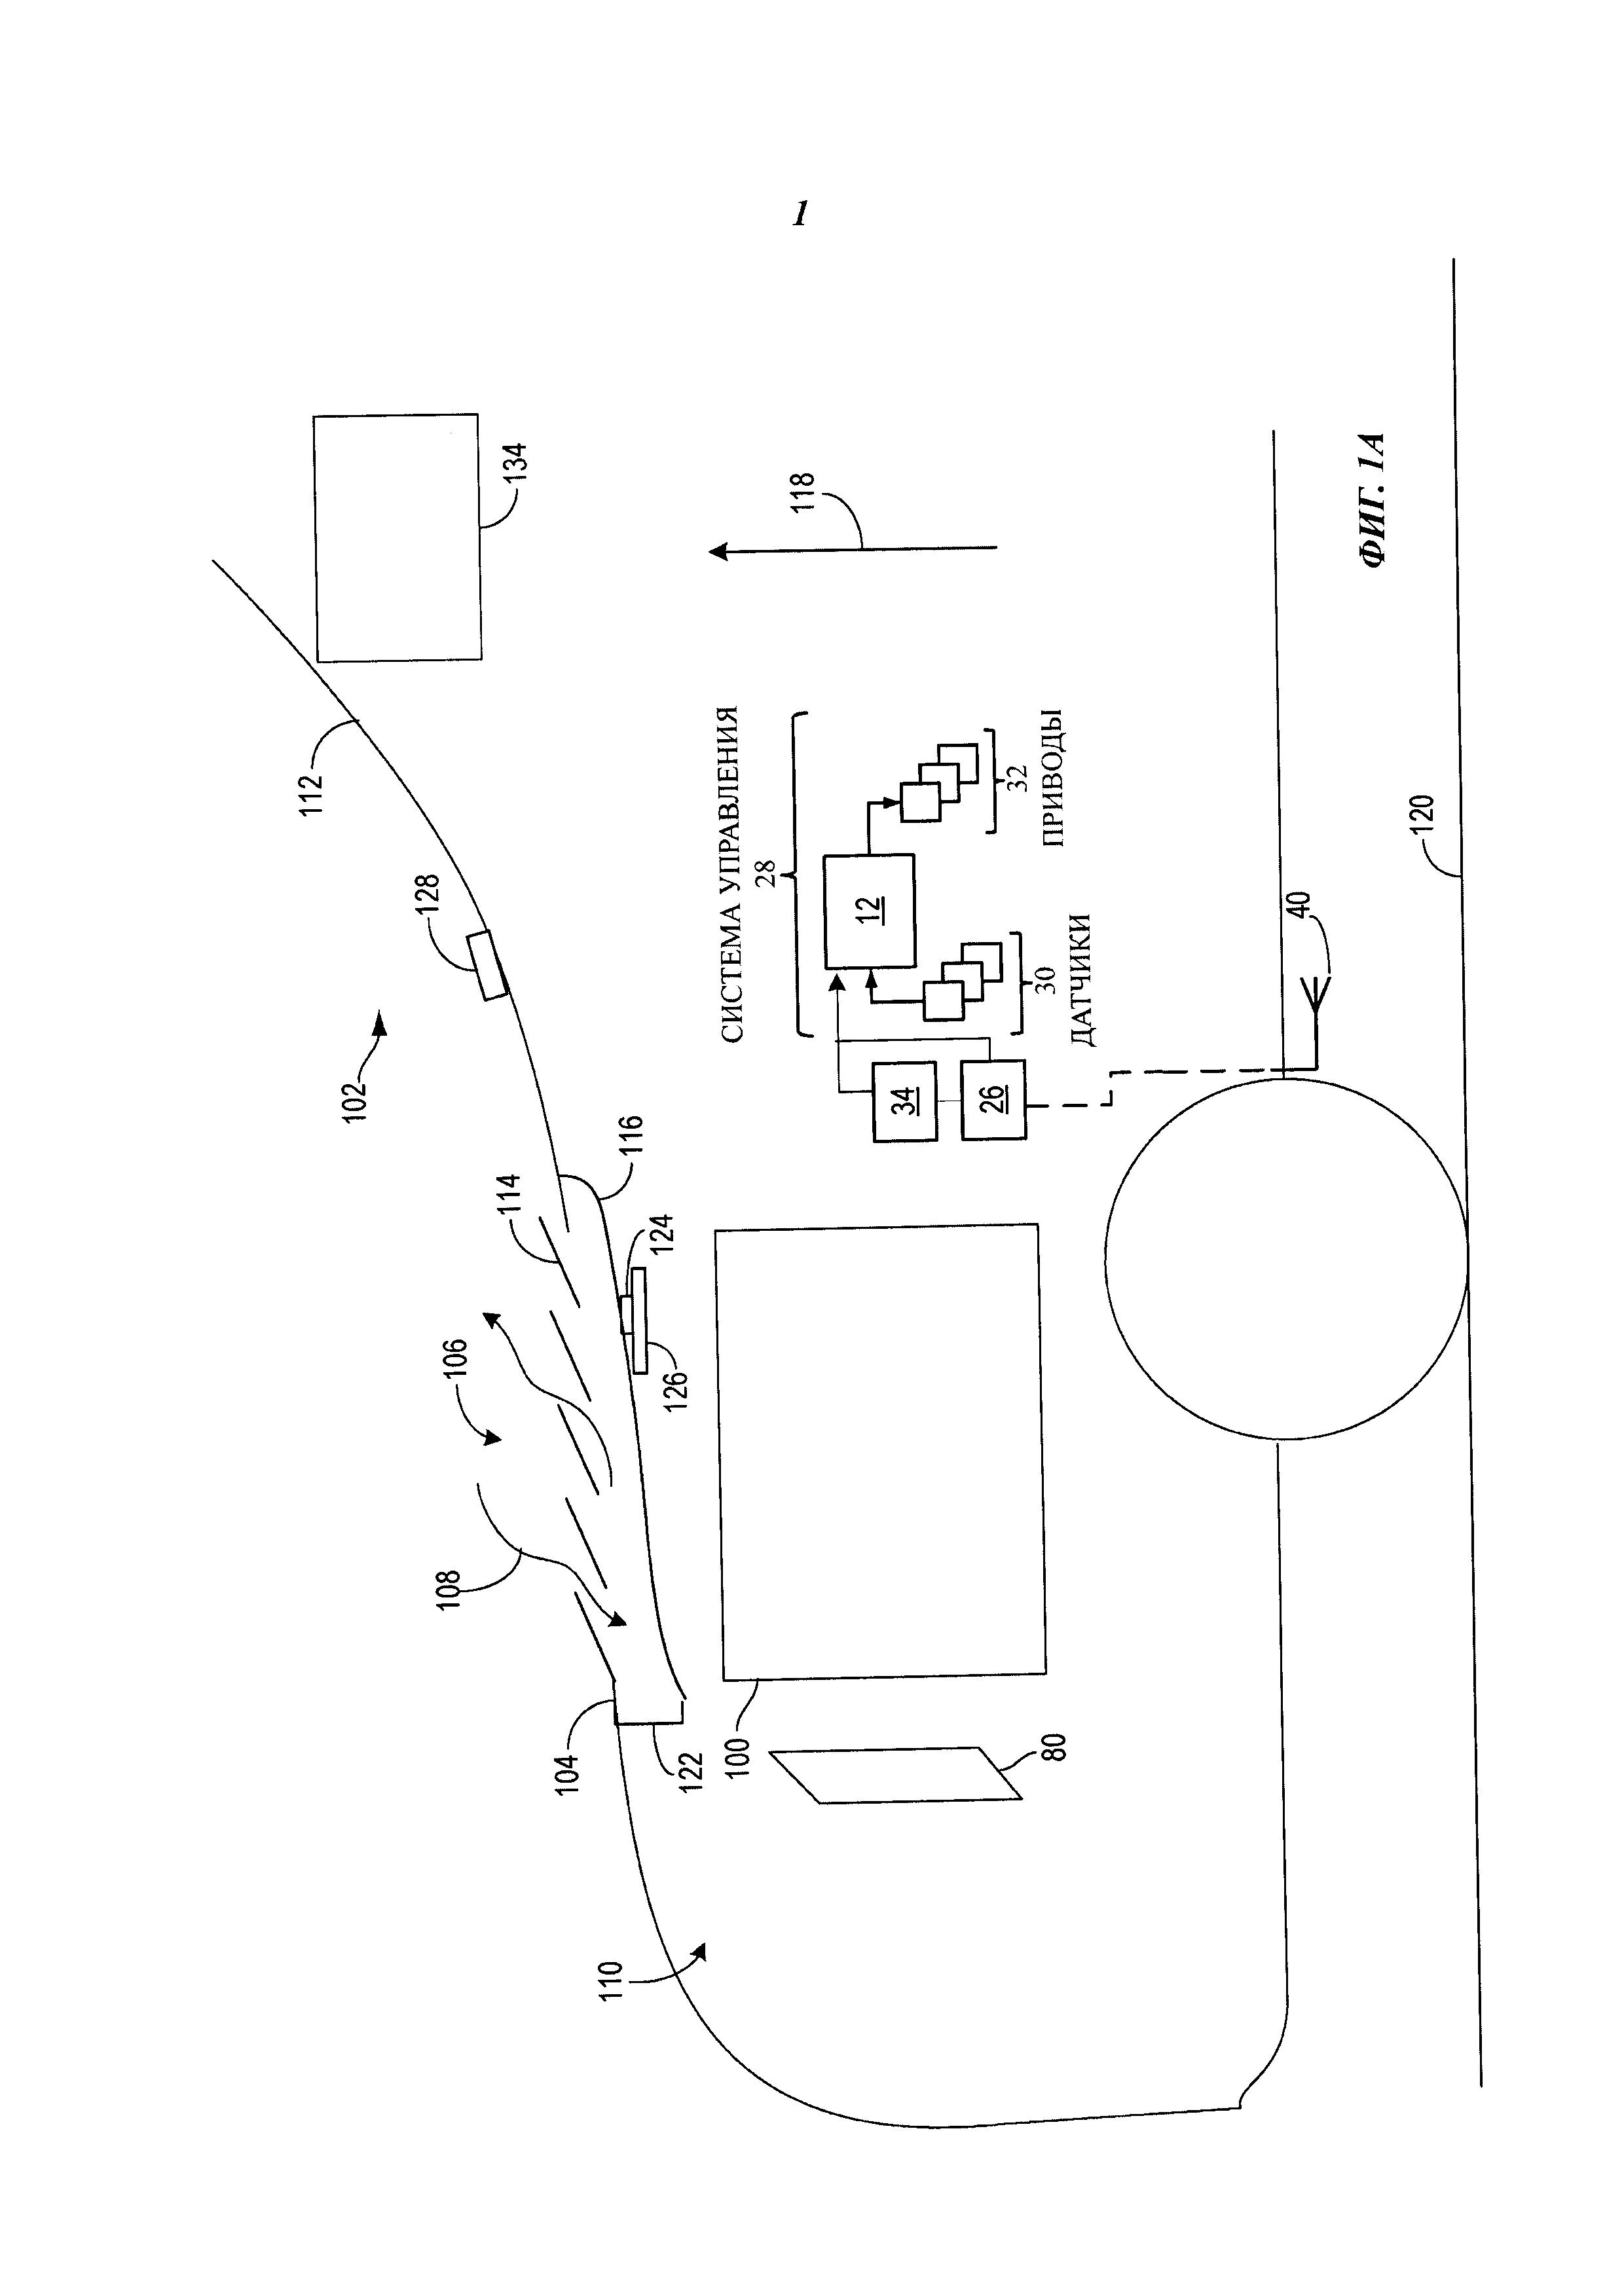 Способ (варианты) и система управления скоростью транспортного средства